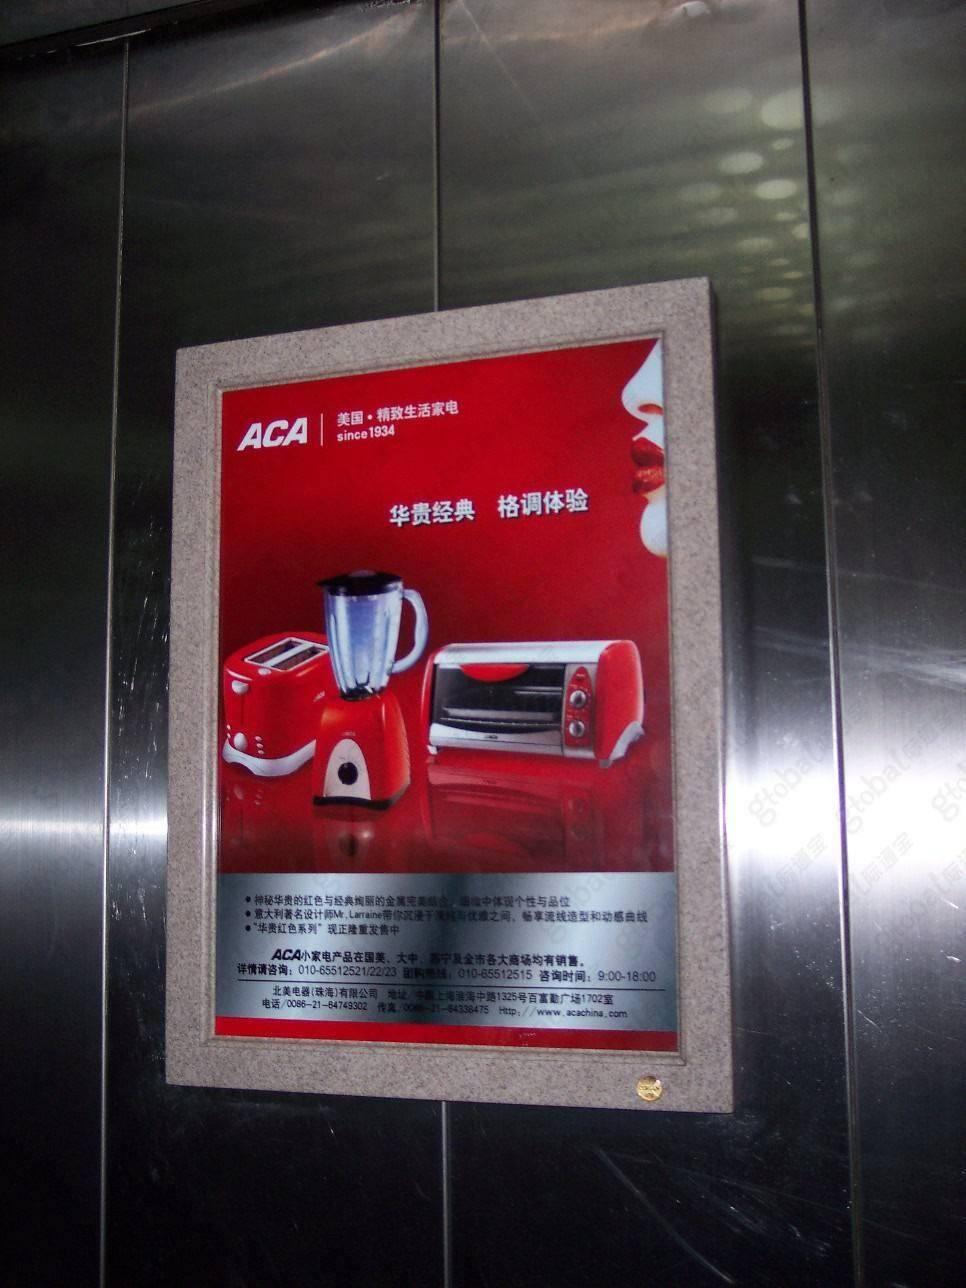 淮南电梯广告公司广告牌框架3.0投放(100框起投)